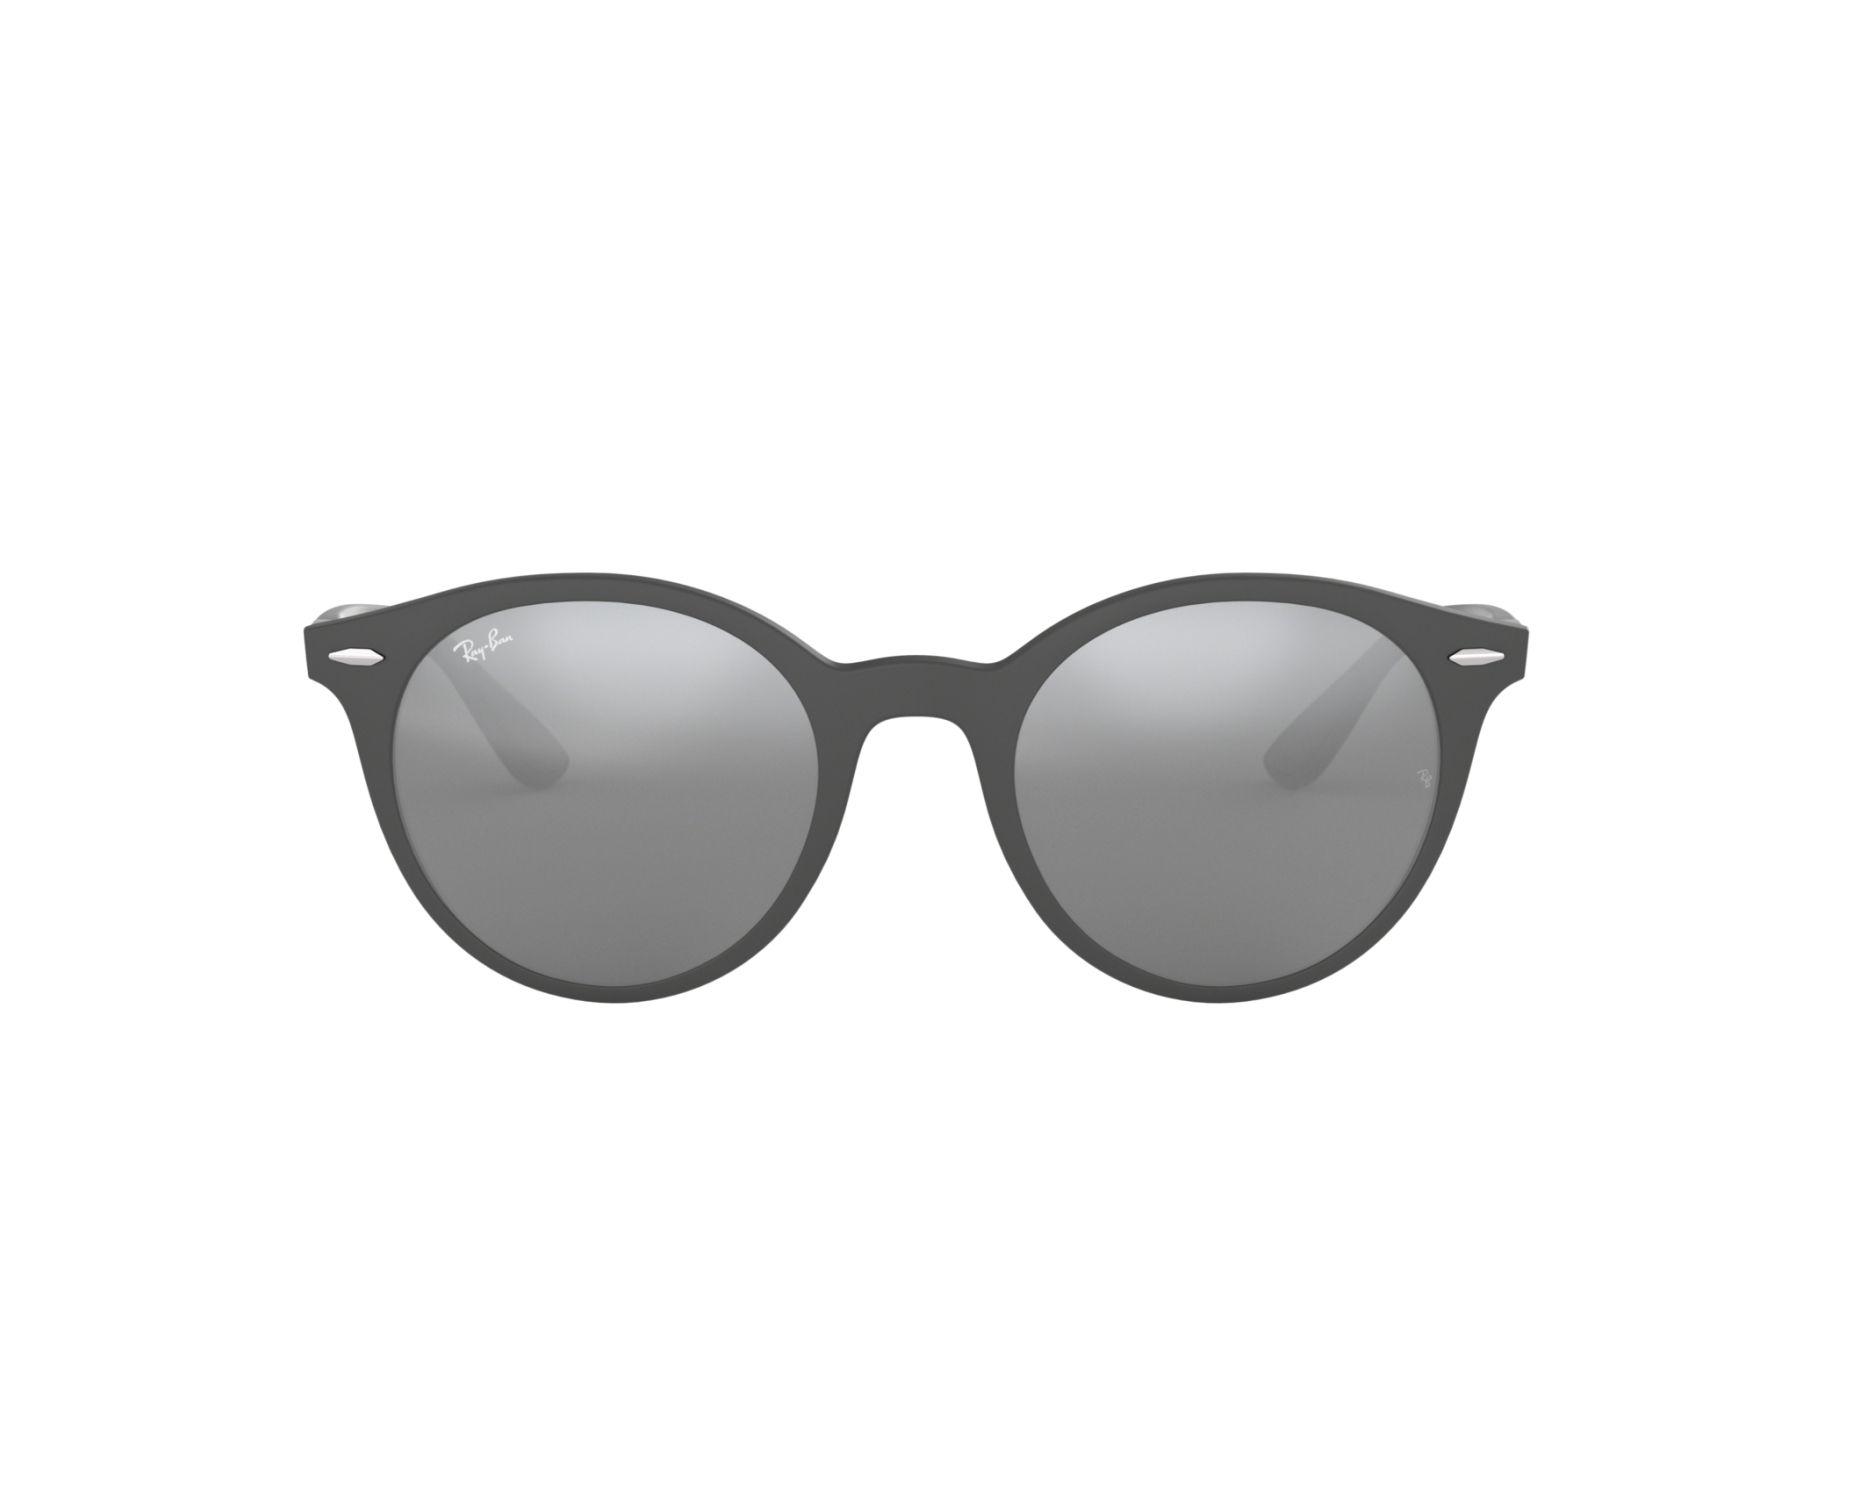 9ad97bc758 Sunglasses Ray-Ban RB-4296 633288 51-21 Grey 360 degree view 1